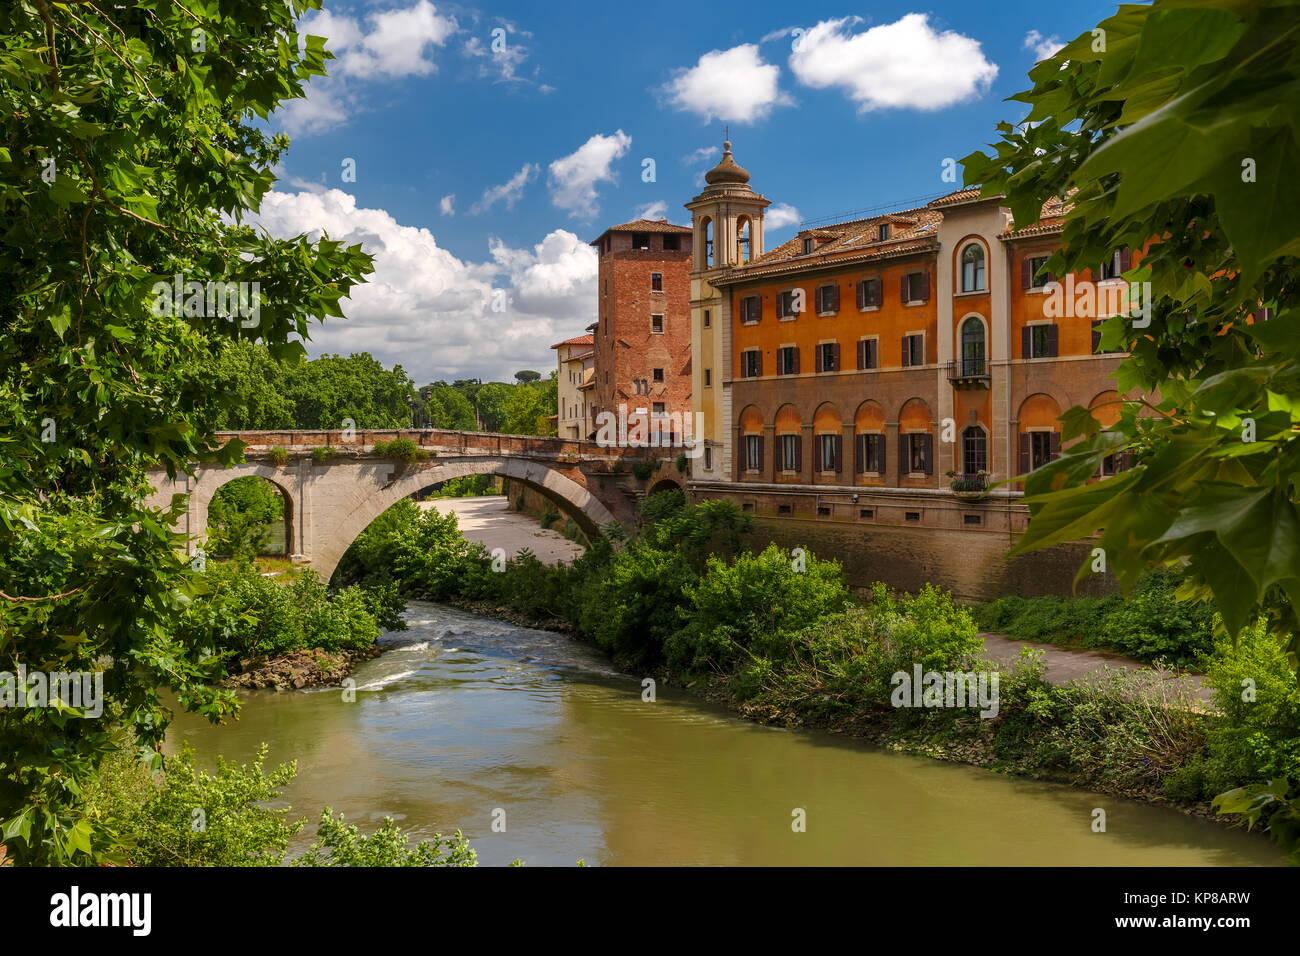 Colise en journée ensoleillée, Rome, Italie Photo Stock